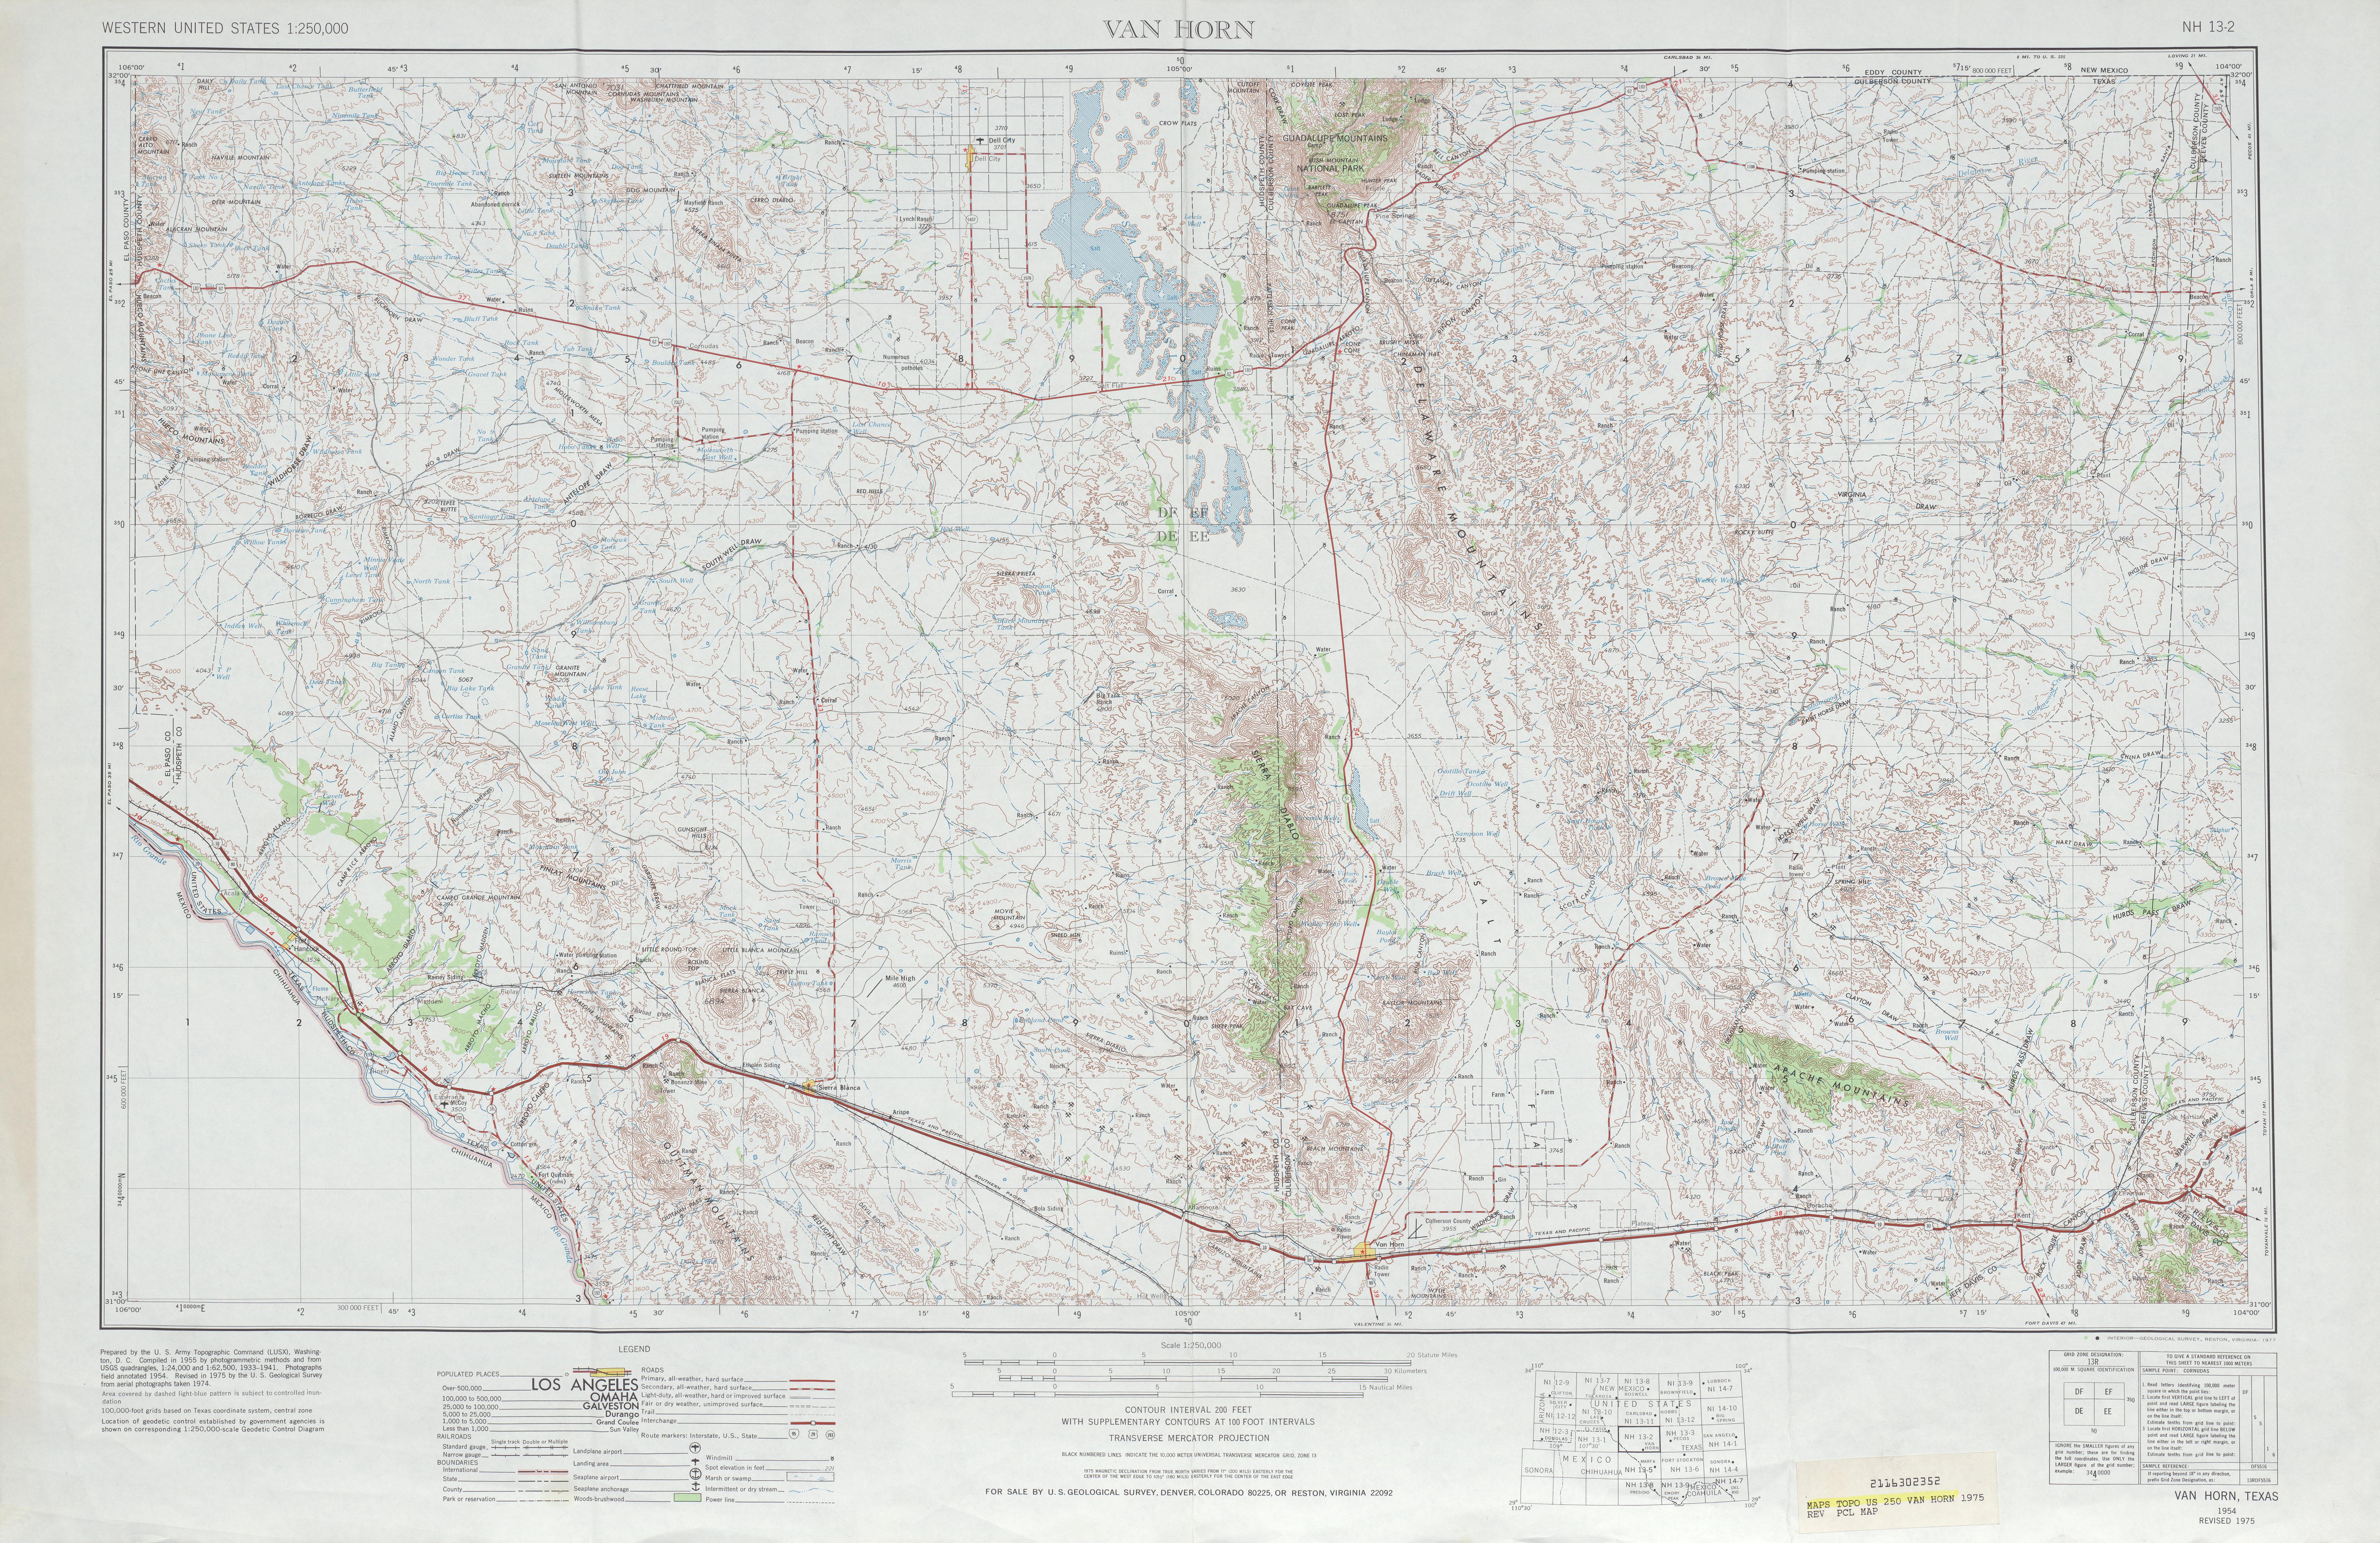 Hoja Van Horn del Mapa Topográfico de los Estados Unidos 1975